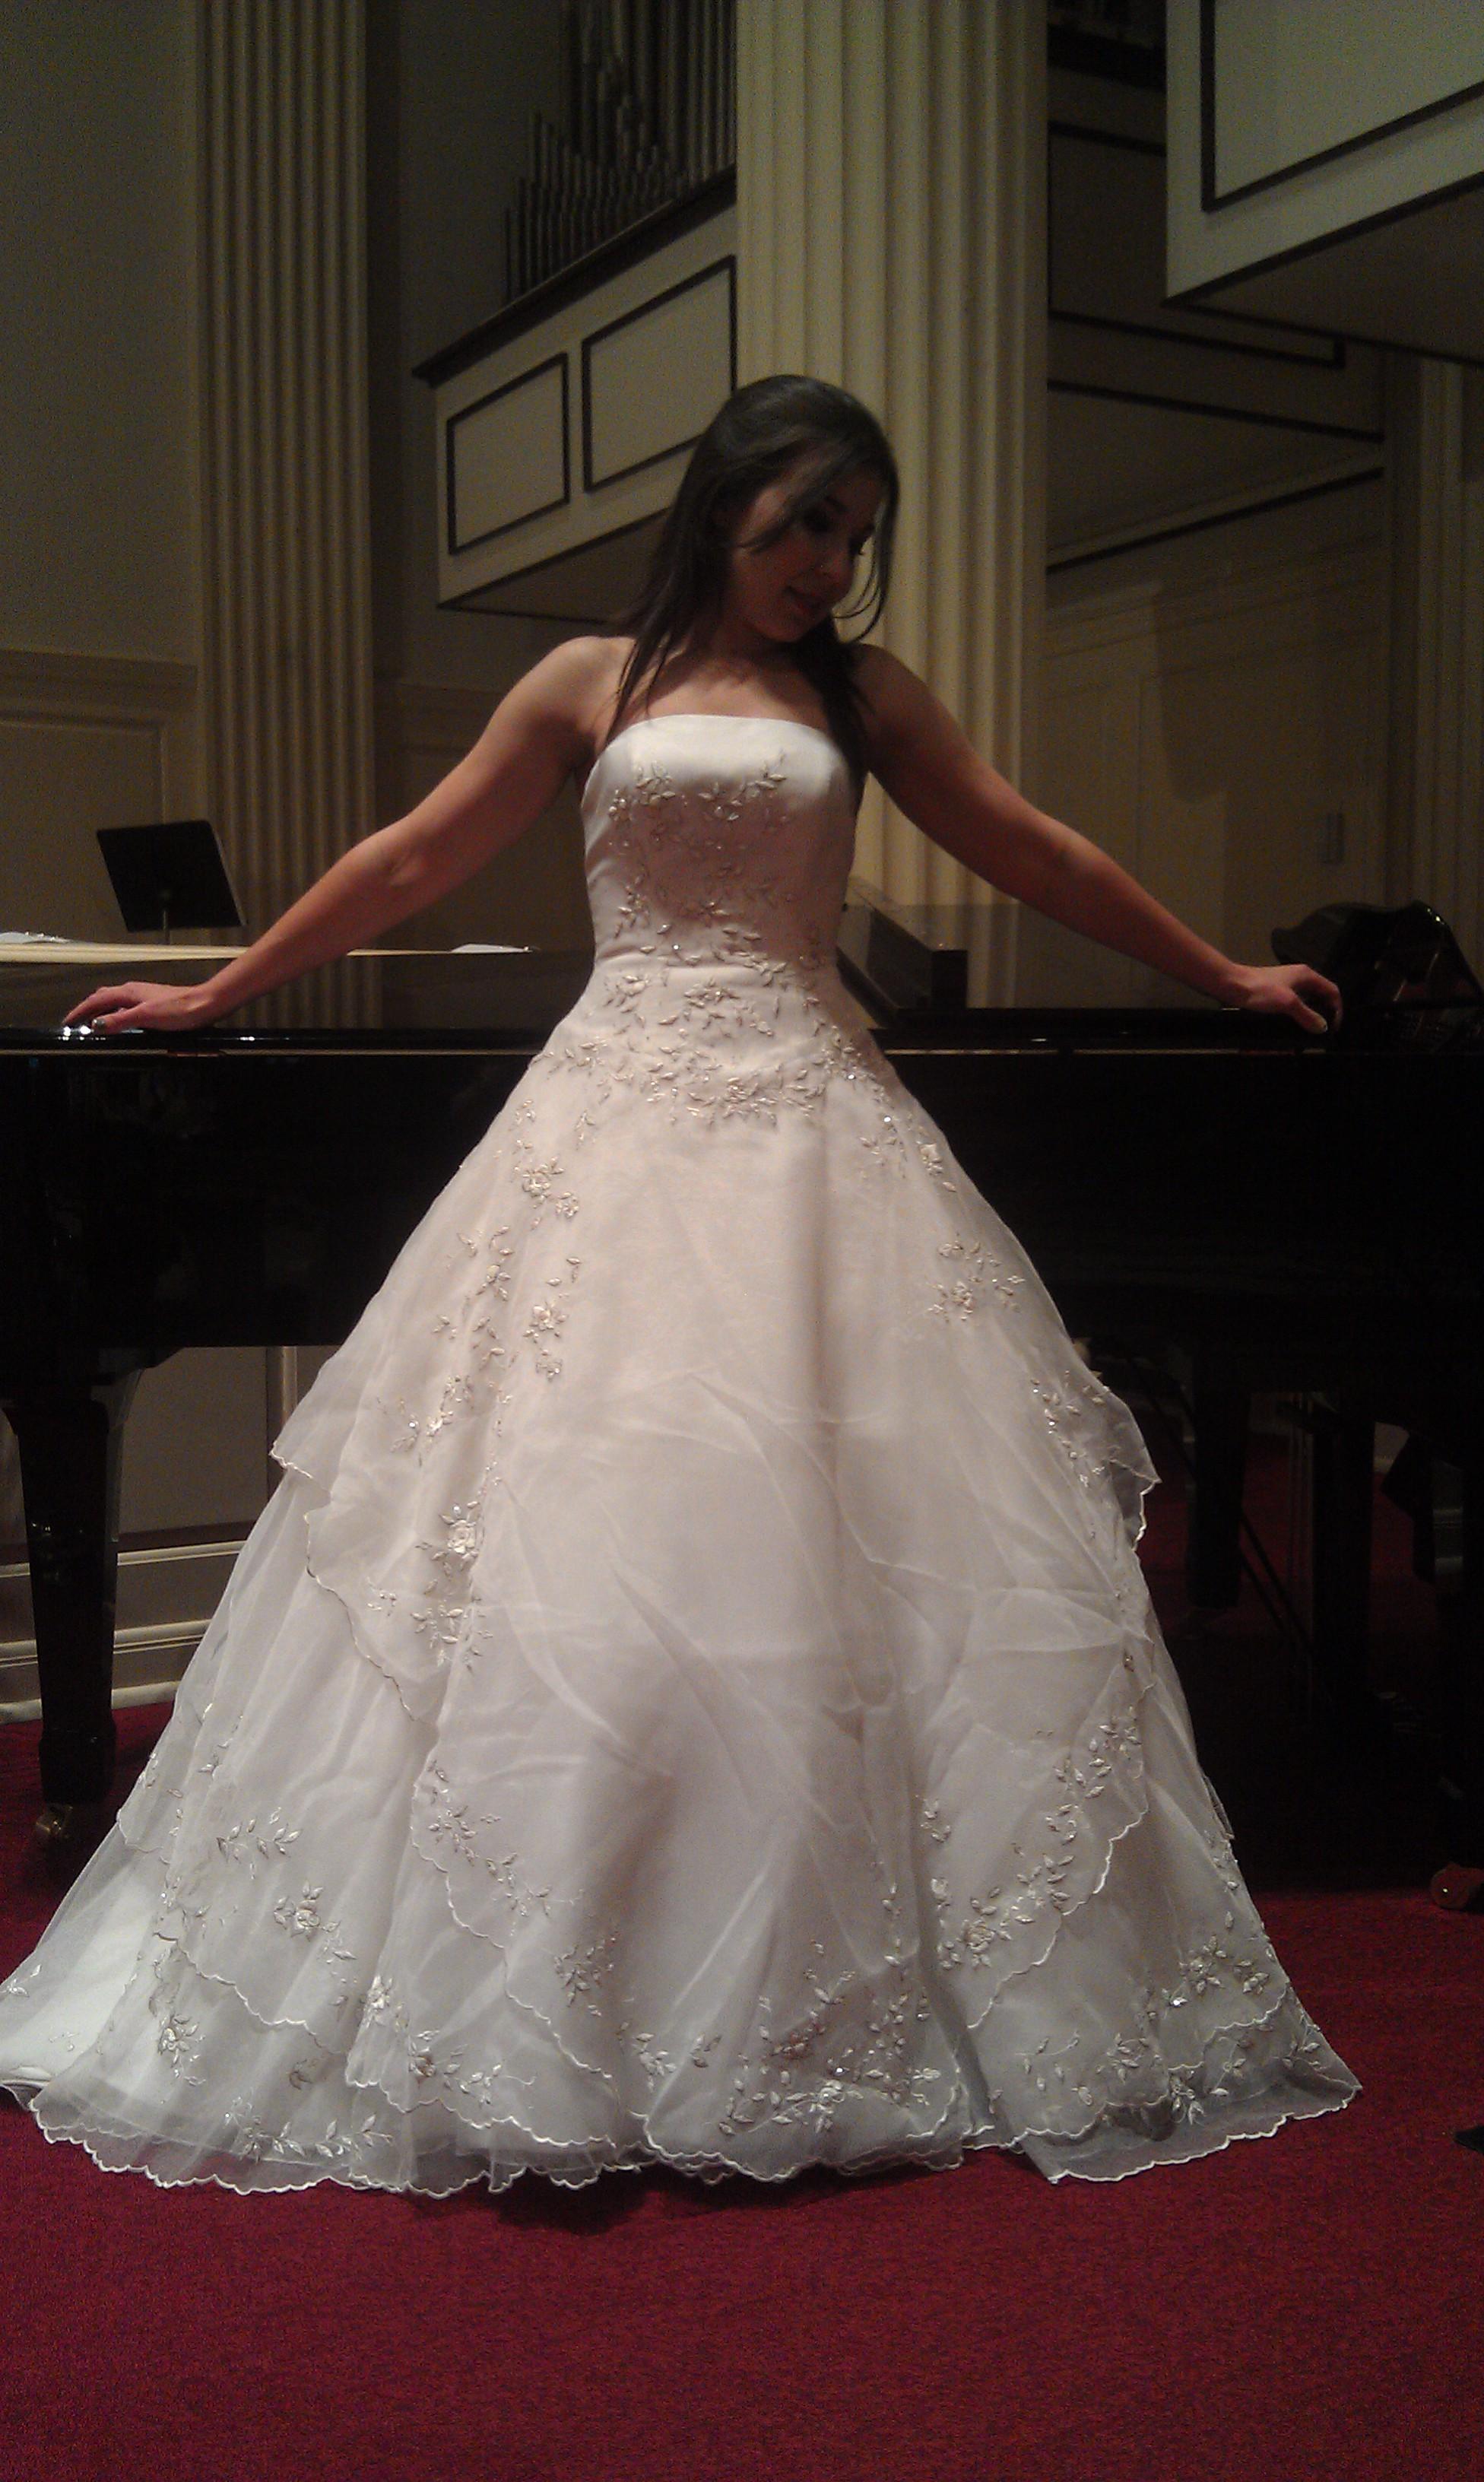 monique luo wedding dresses photo - 1